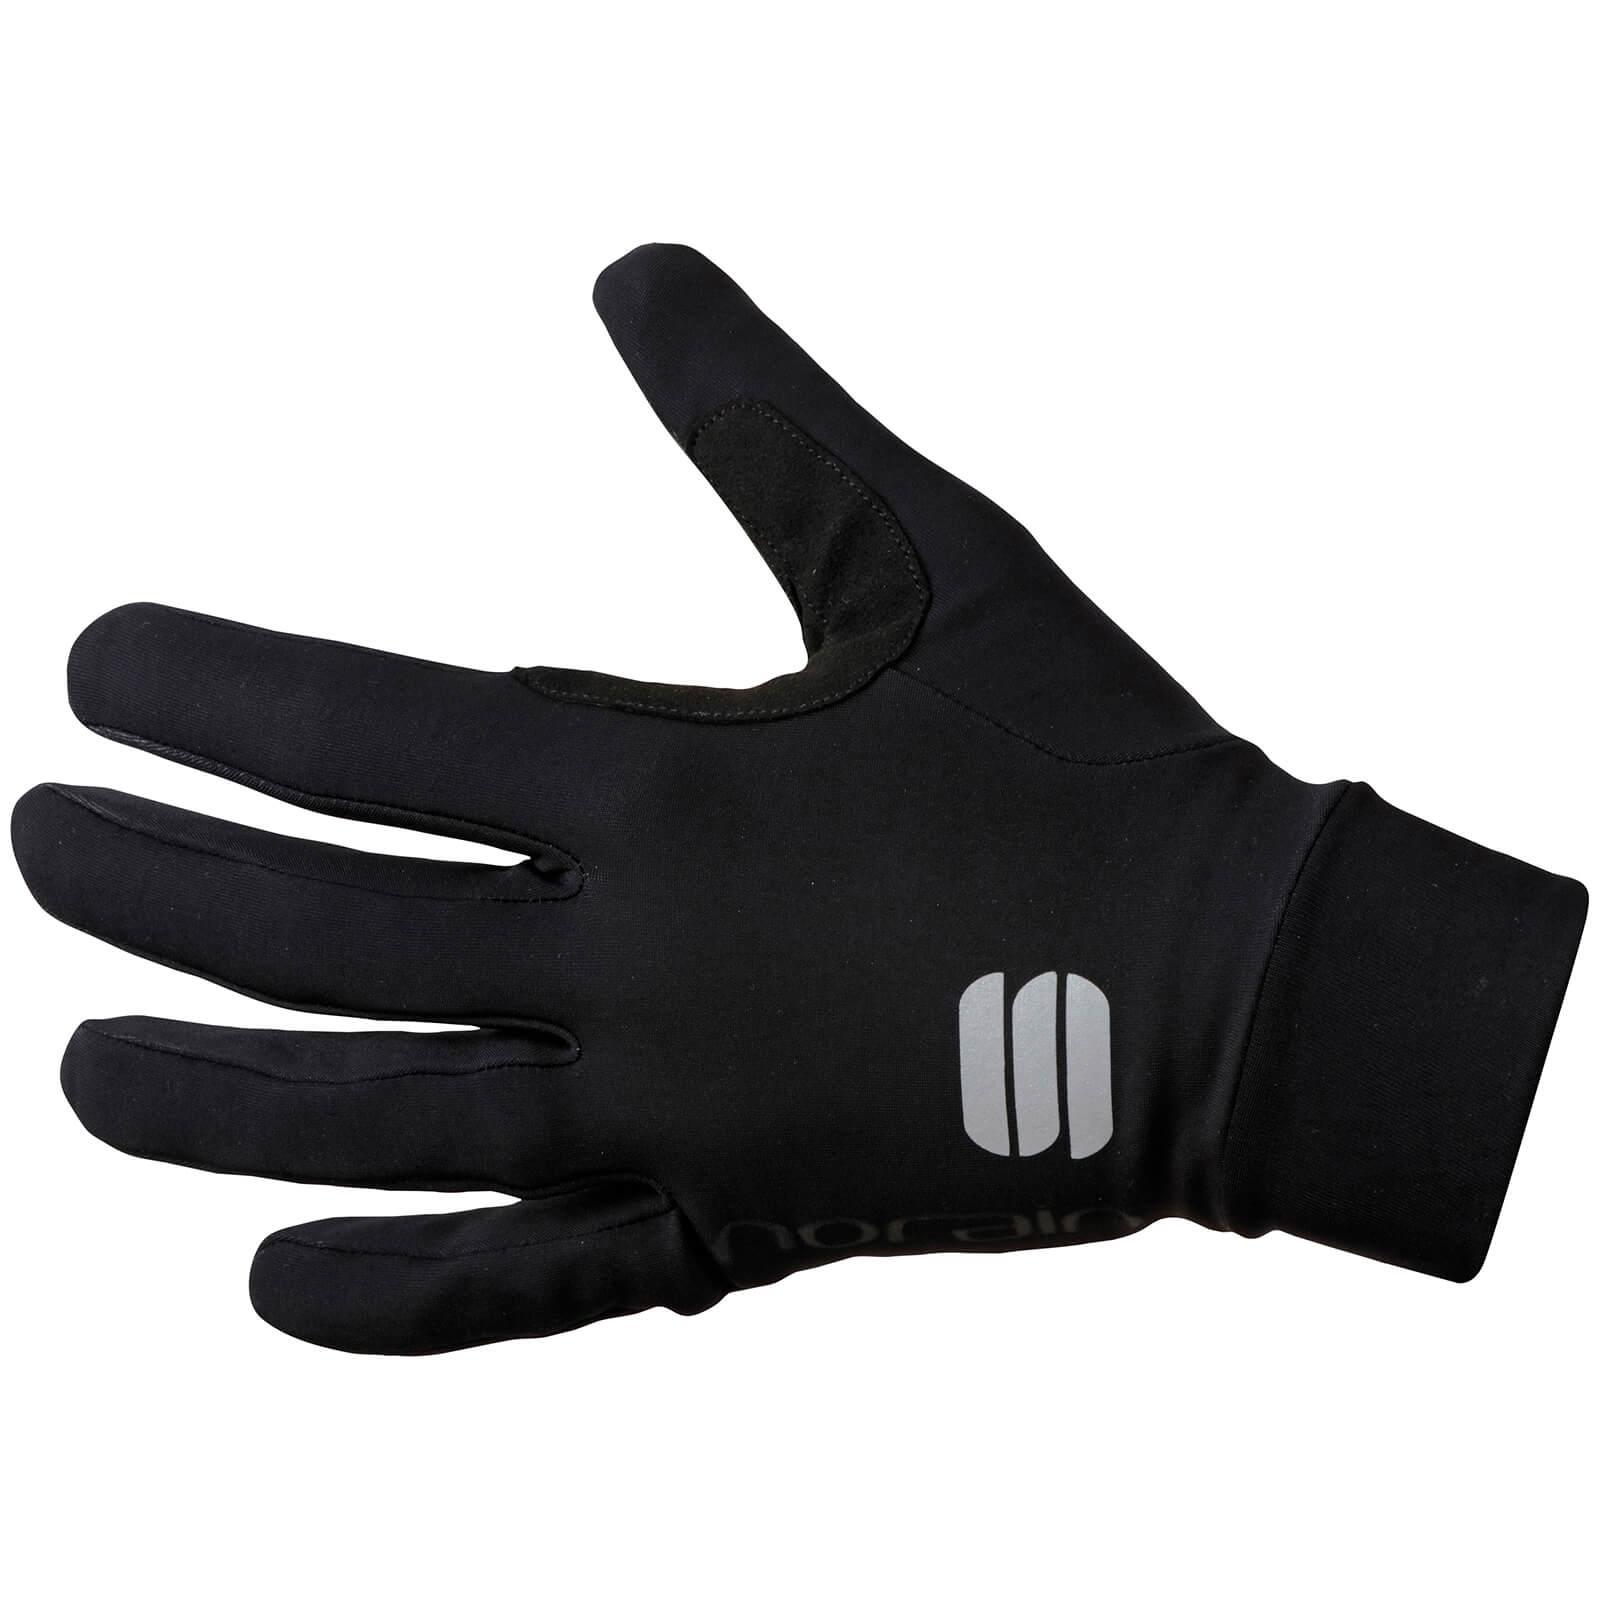 Sportful NoRain Gloves - Black - S